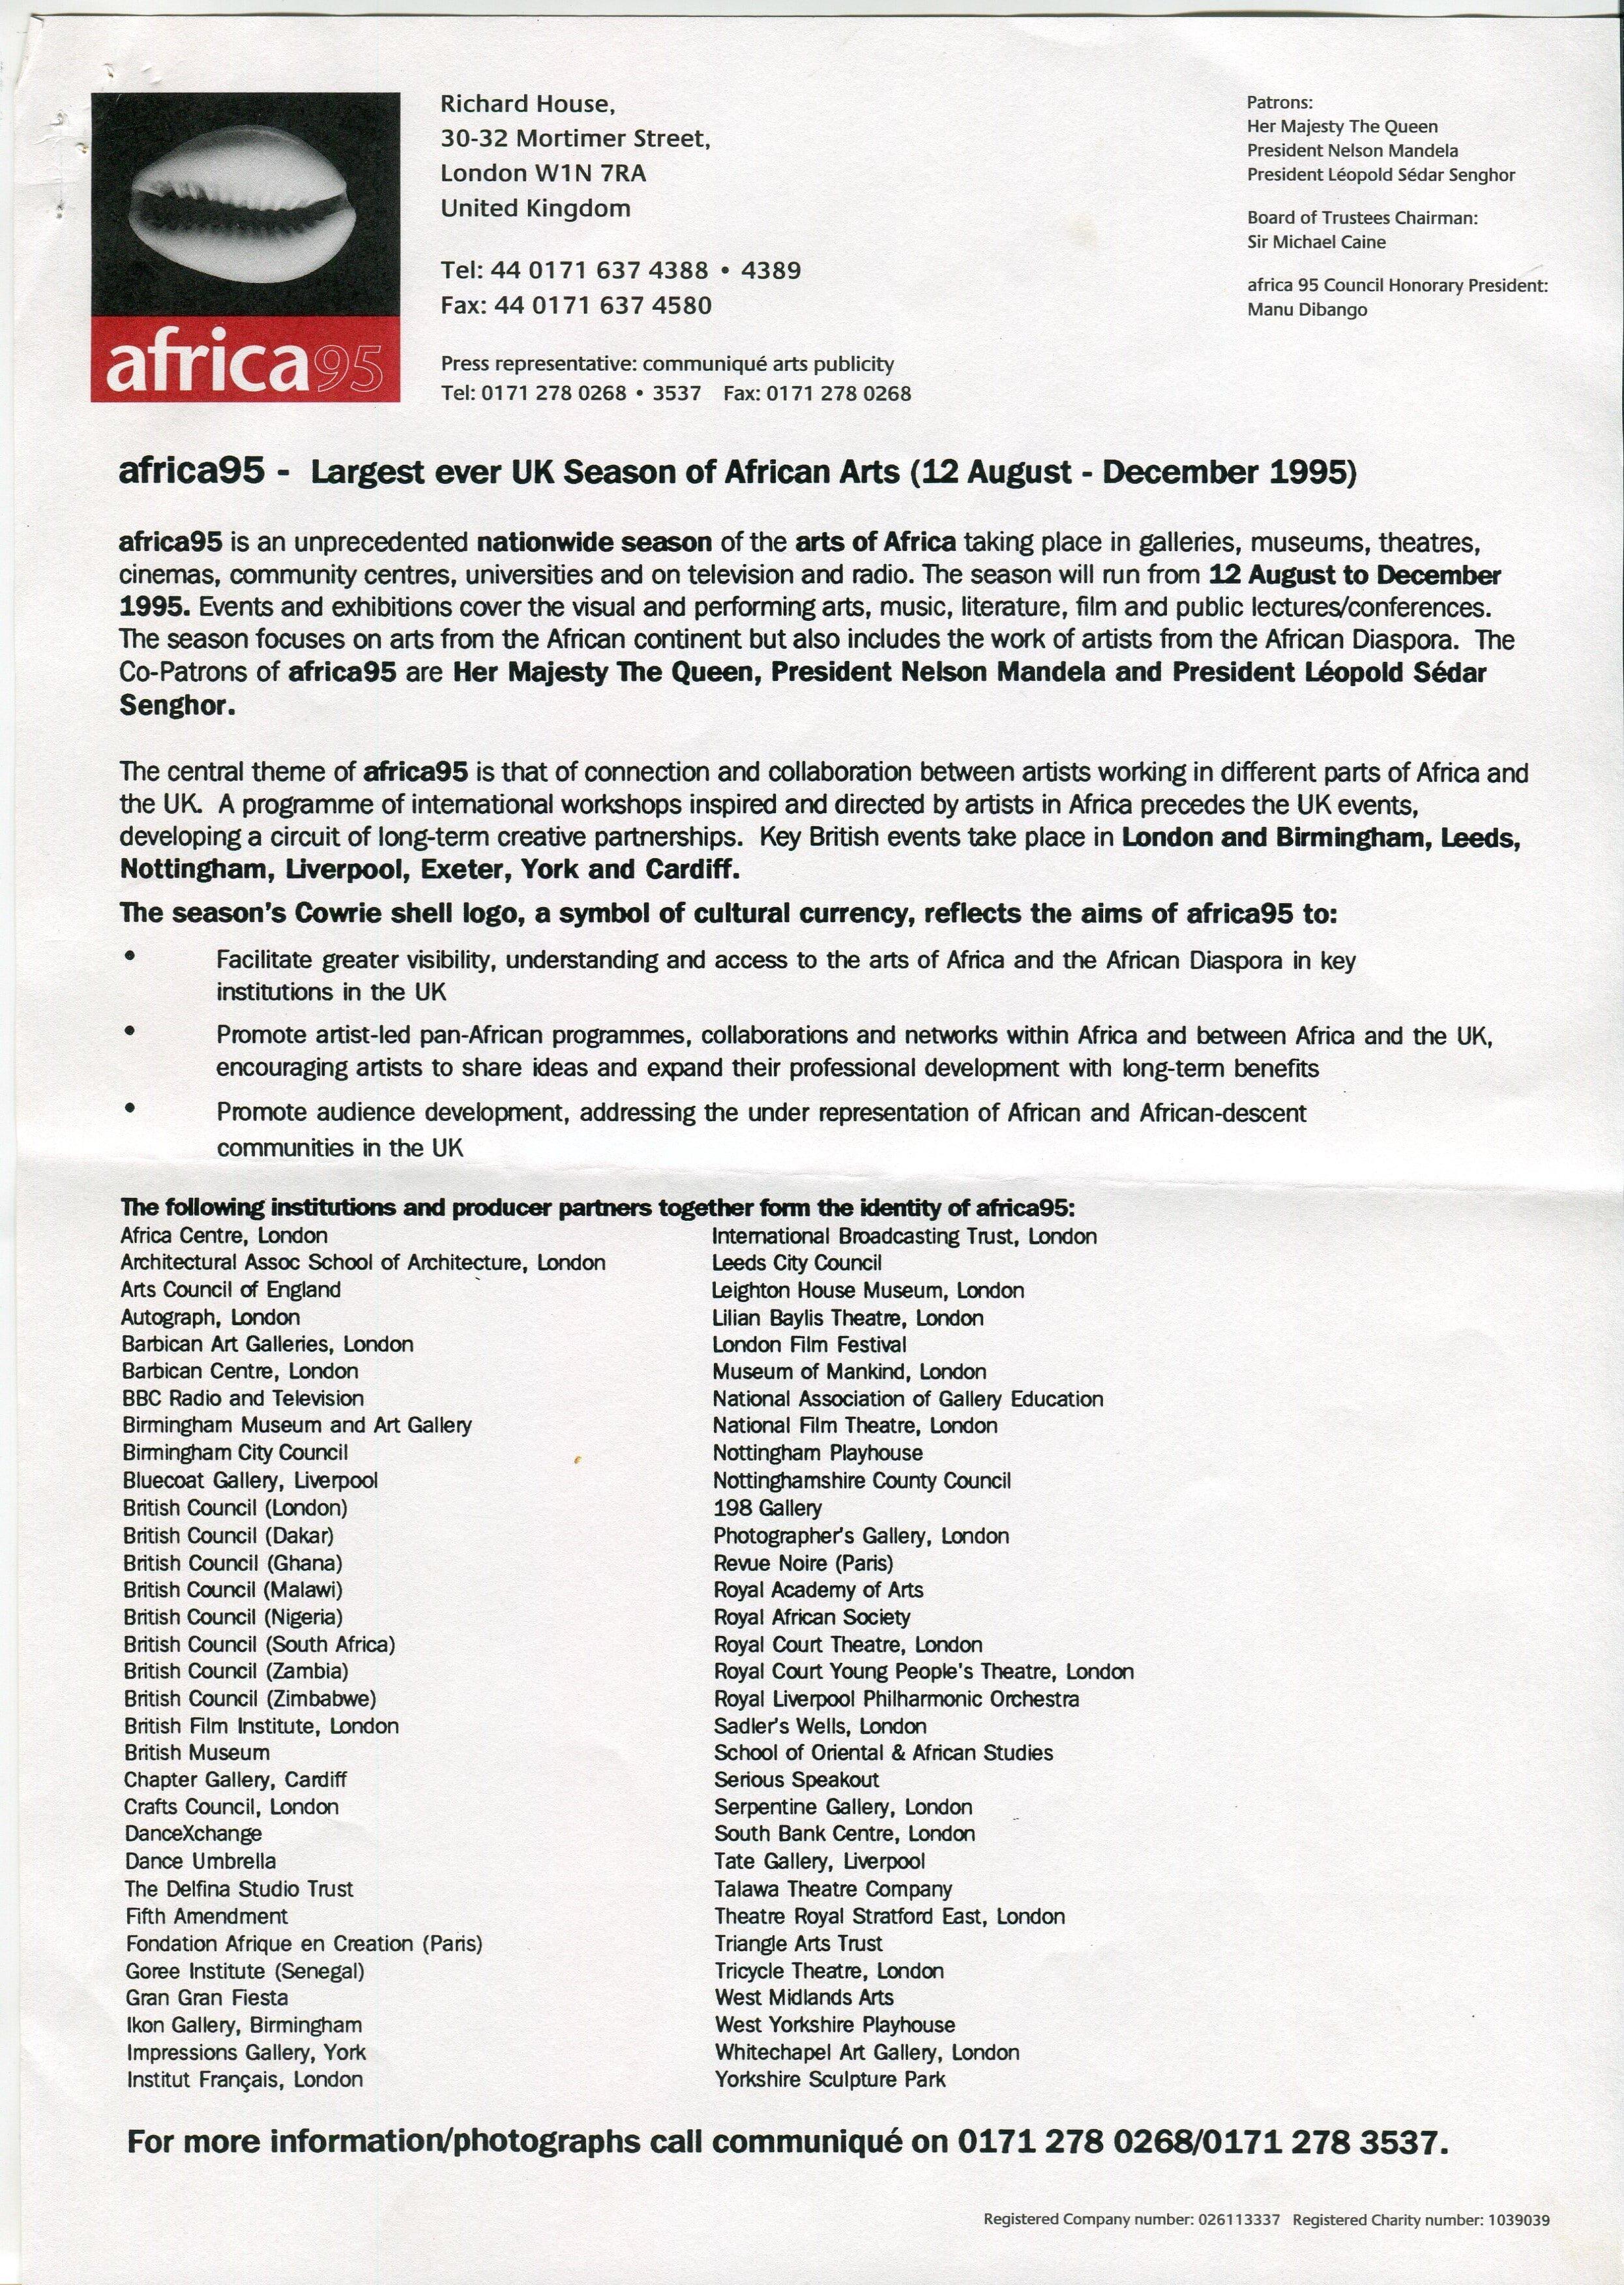 Programme de africa95, Londres, 12 août-décembre 1995, fonds AICA International [FR ACA AICAI THE ADM008 24/3], collection INHA – Archives de la critique d'art. D.R